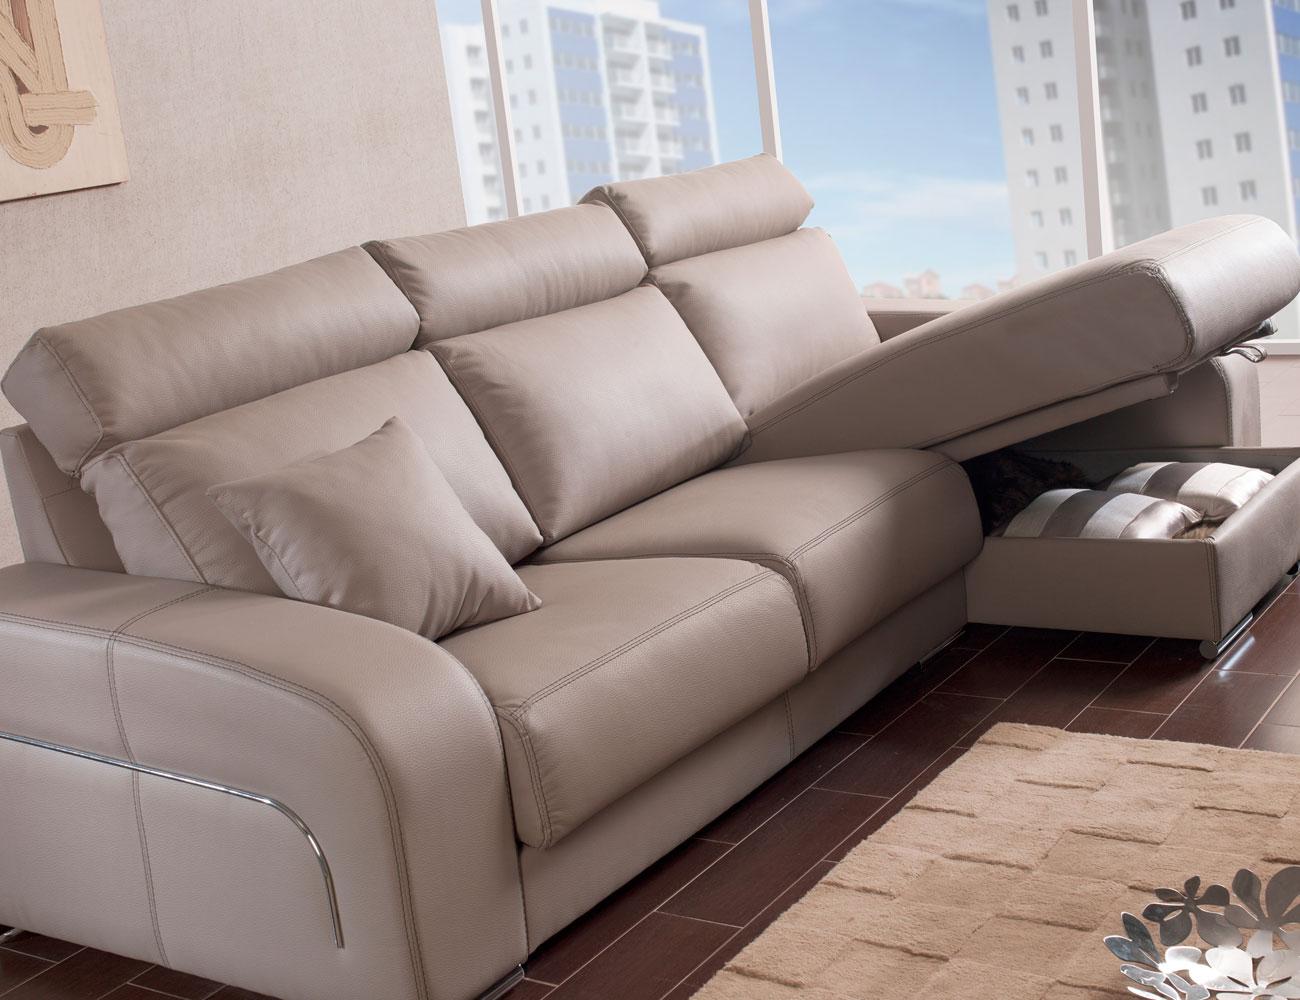 Sofa chaiselongue moderno pared cero arcon23